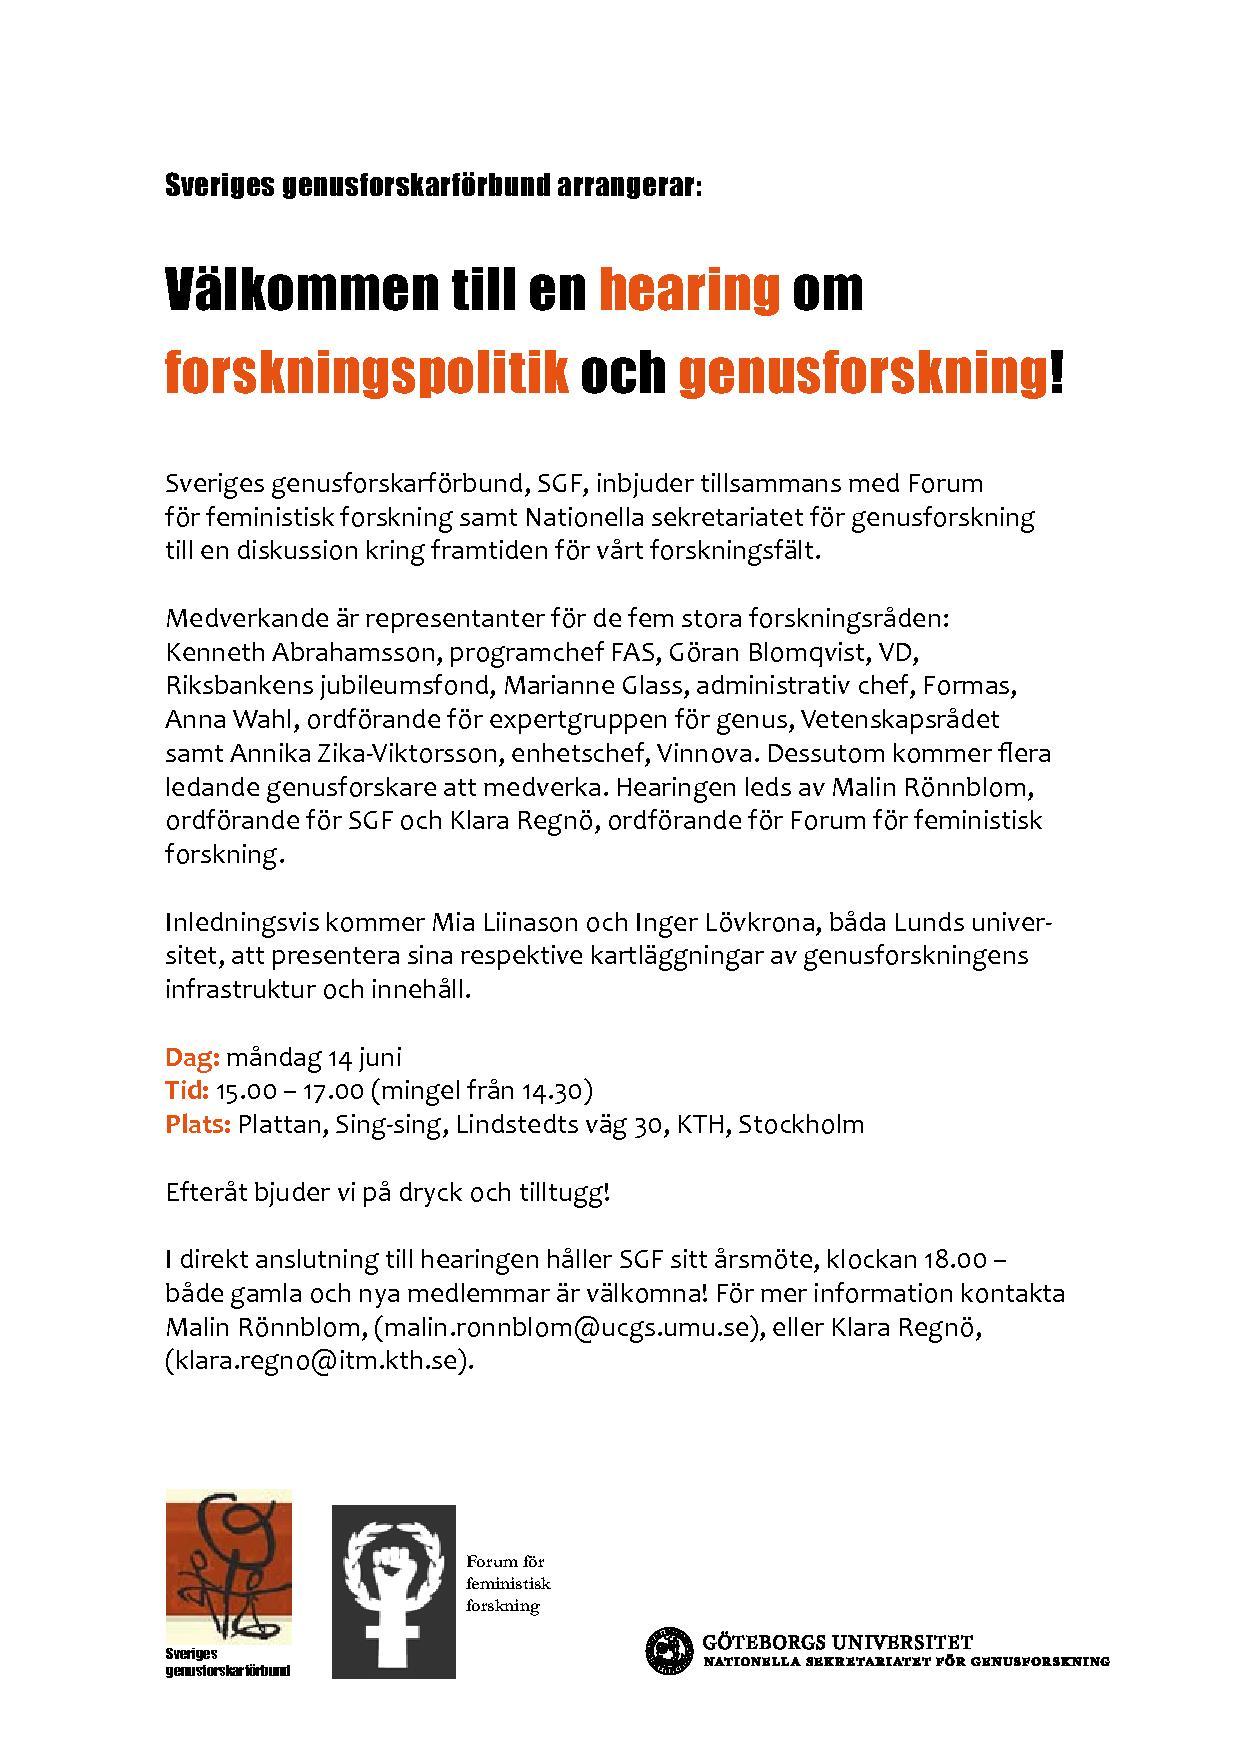 Hearing om forskningspolitik och genusforskning 14/6 2010